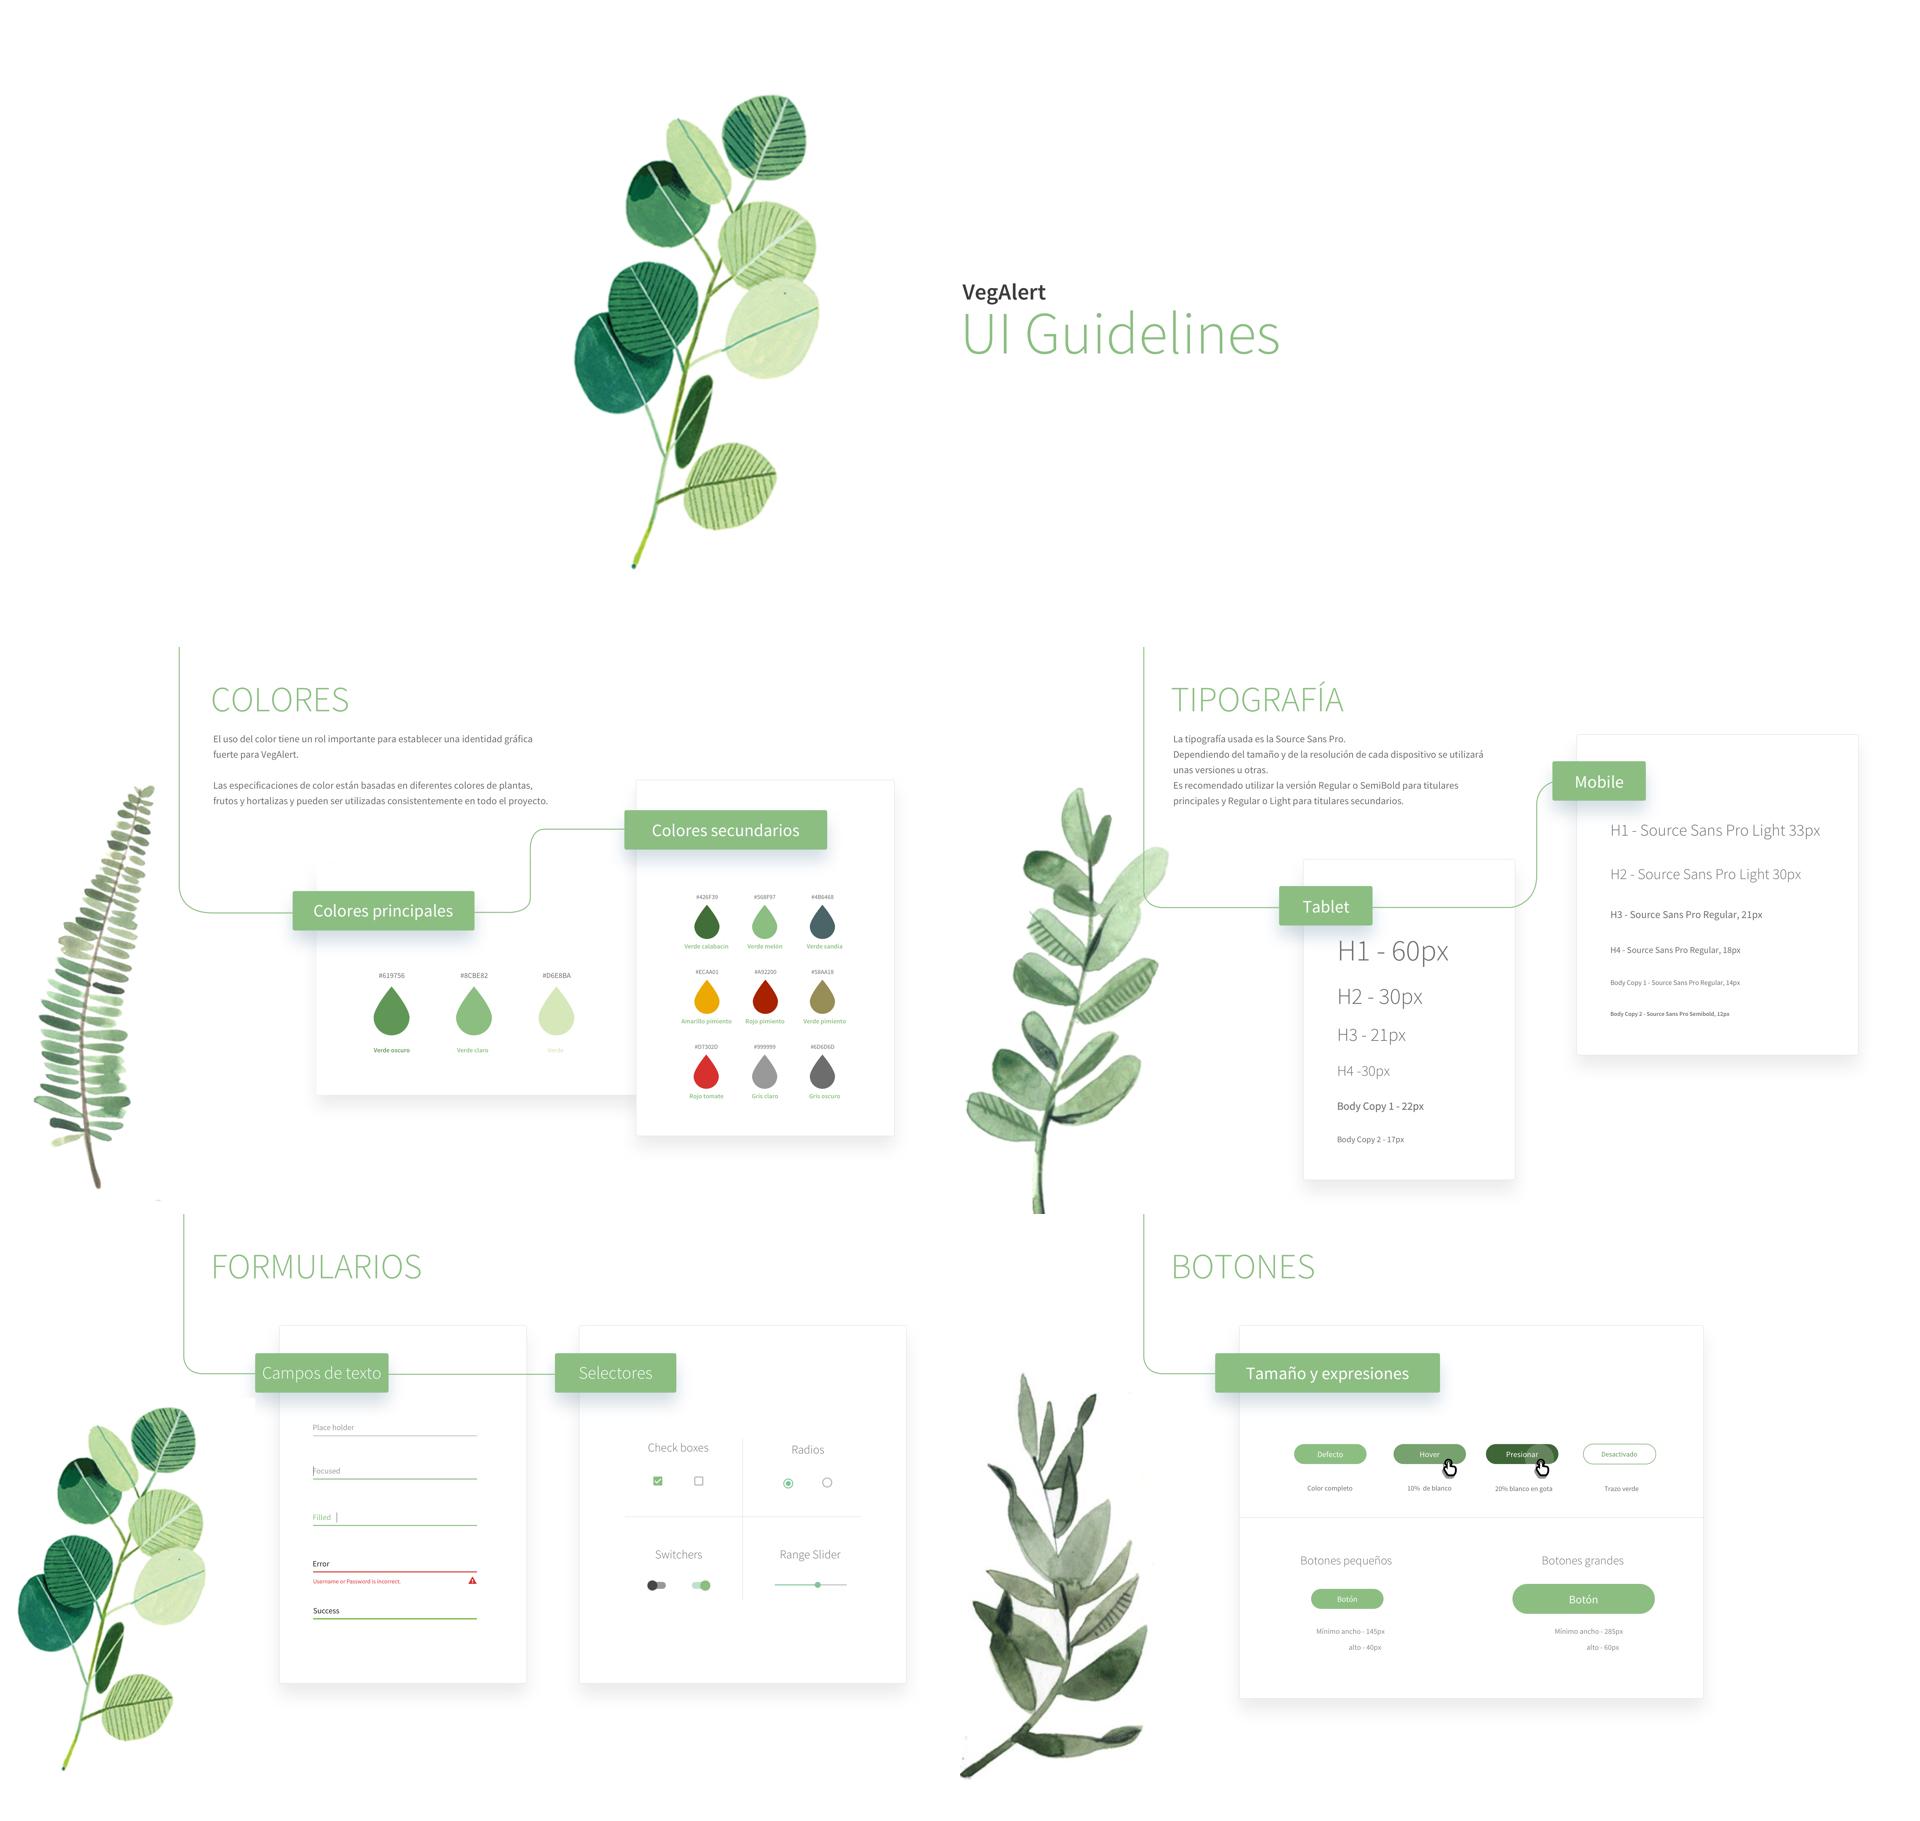 UI Guidelines de la investigación y diseño UX de VegAlert